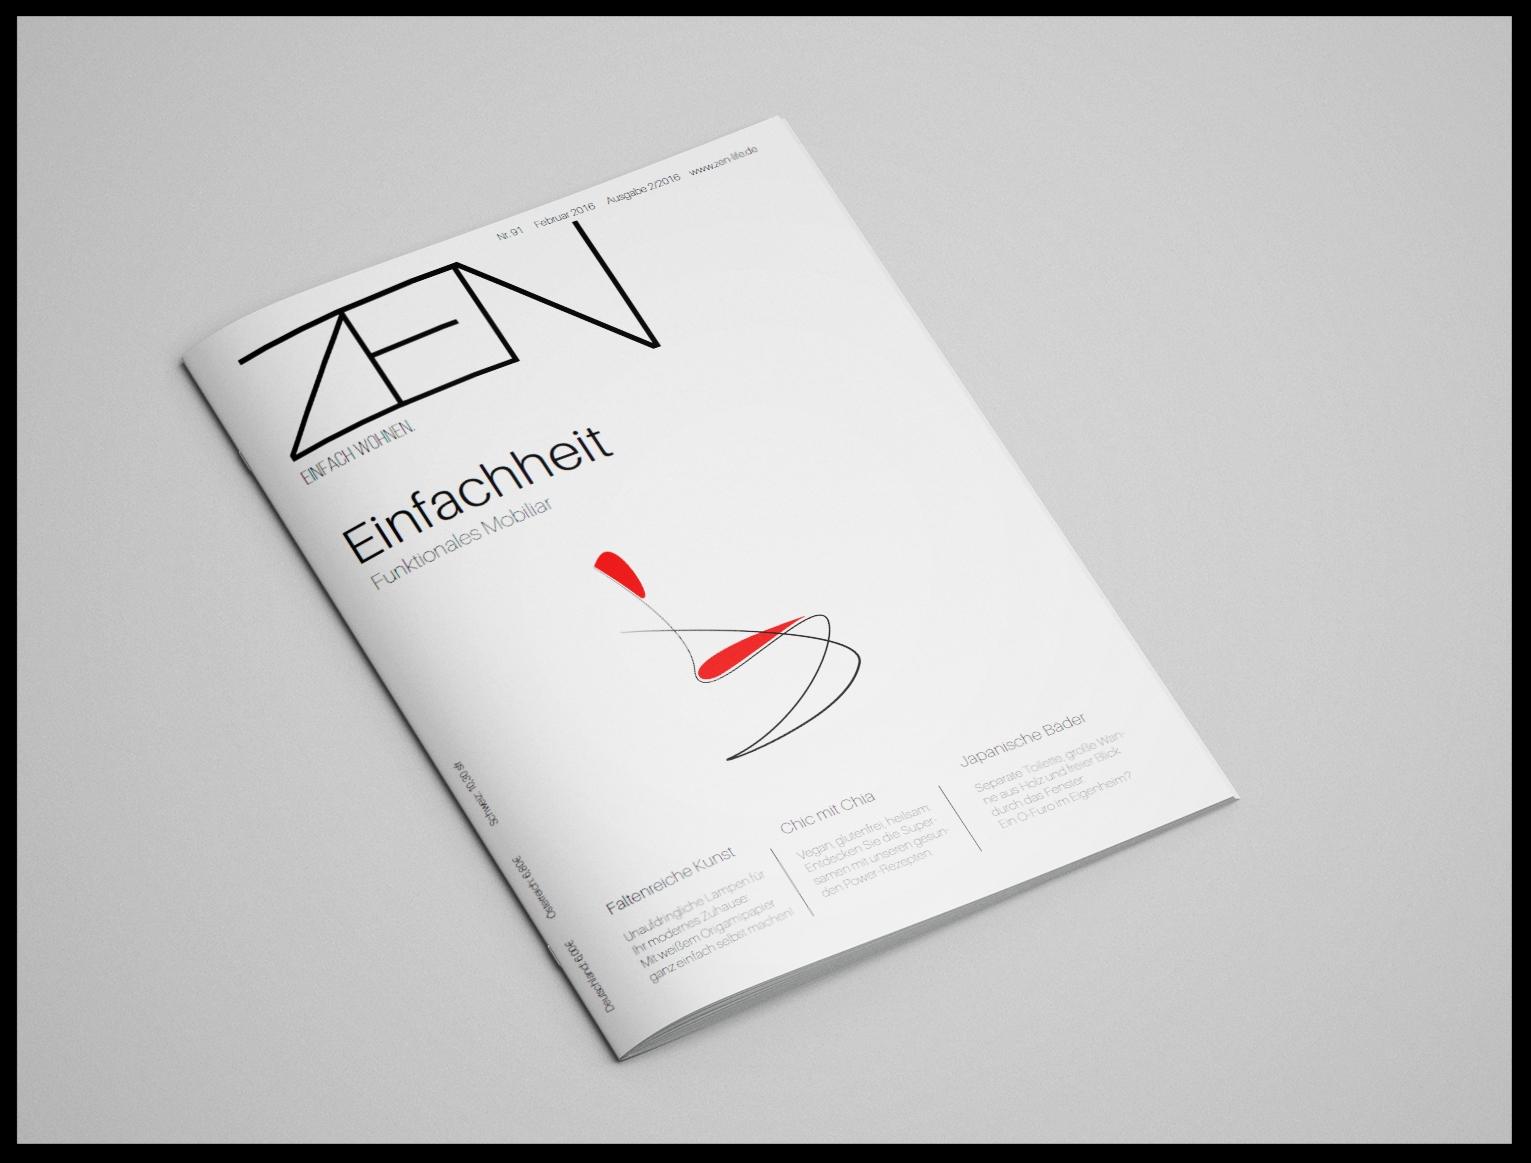 editorial design zeitschriftencover sch pfergeist. Black Bedroom Furniture Sets. Home Design Ideas